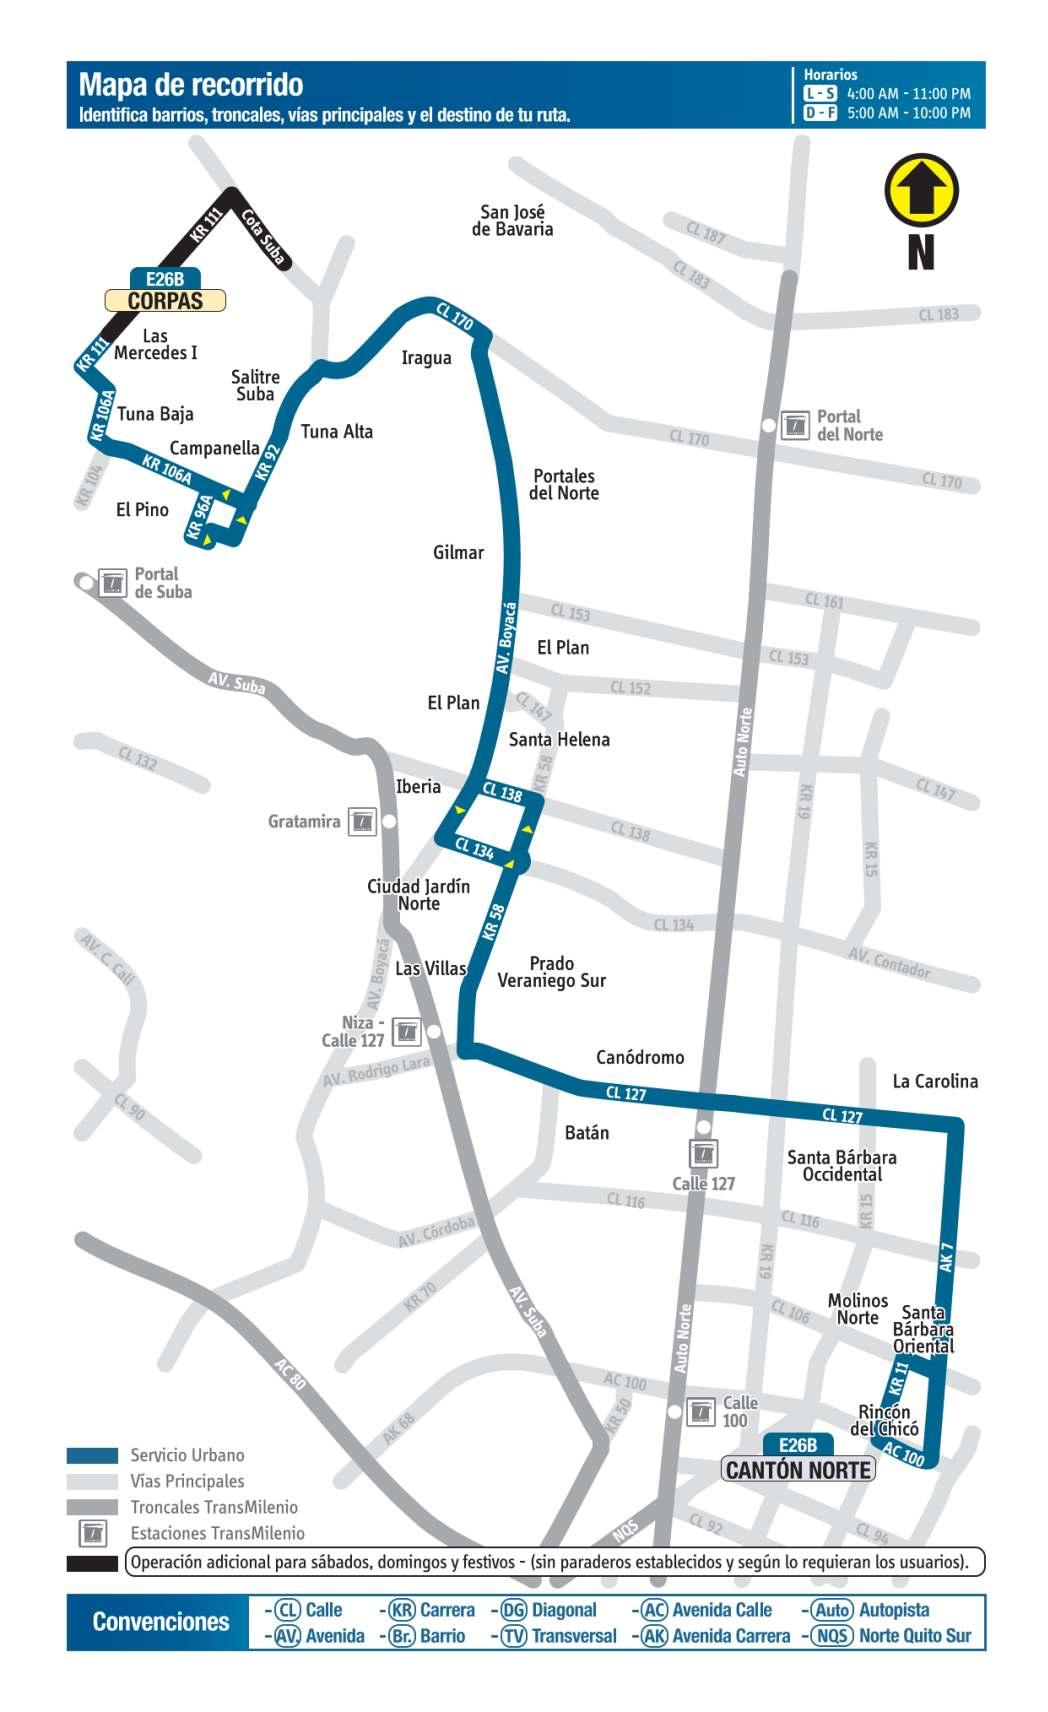 E26B Corpas - Cantón Norte, mapa bus urbano Bogotá